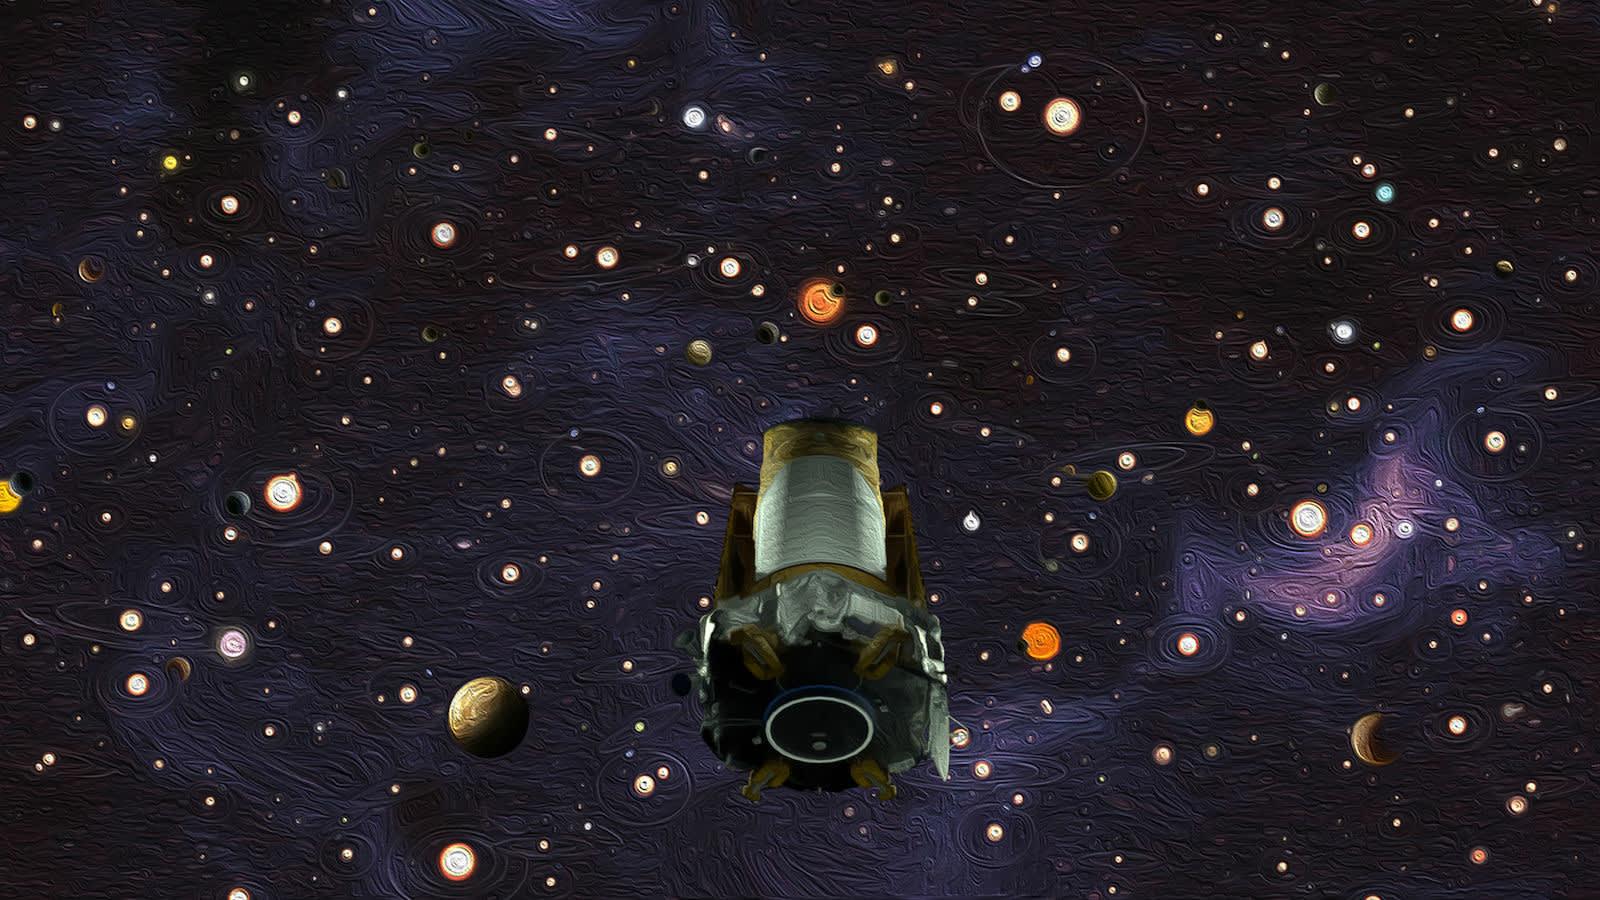 Nasa ケプラー宇宙望遠鏡の運用終了を発表 数千個の太陽系外惑星発見